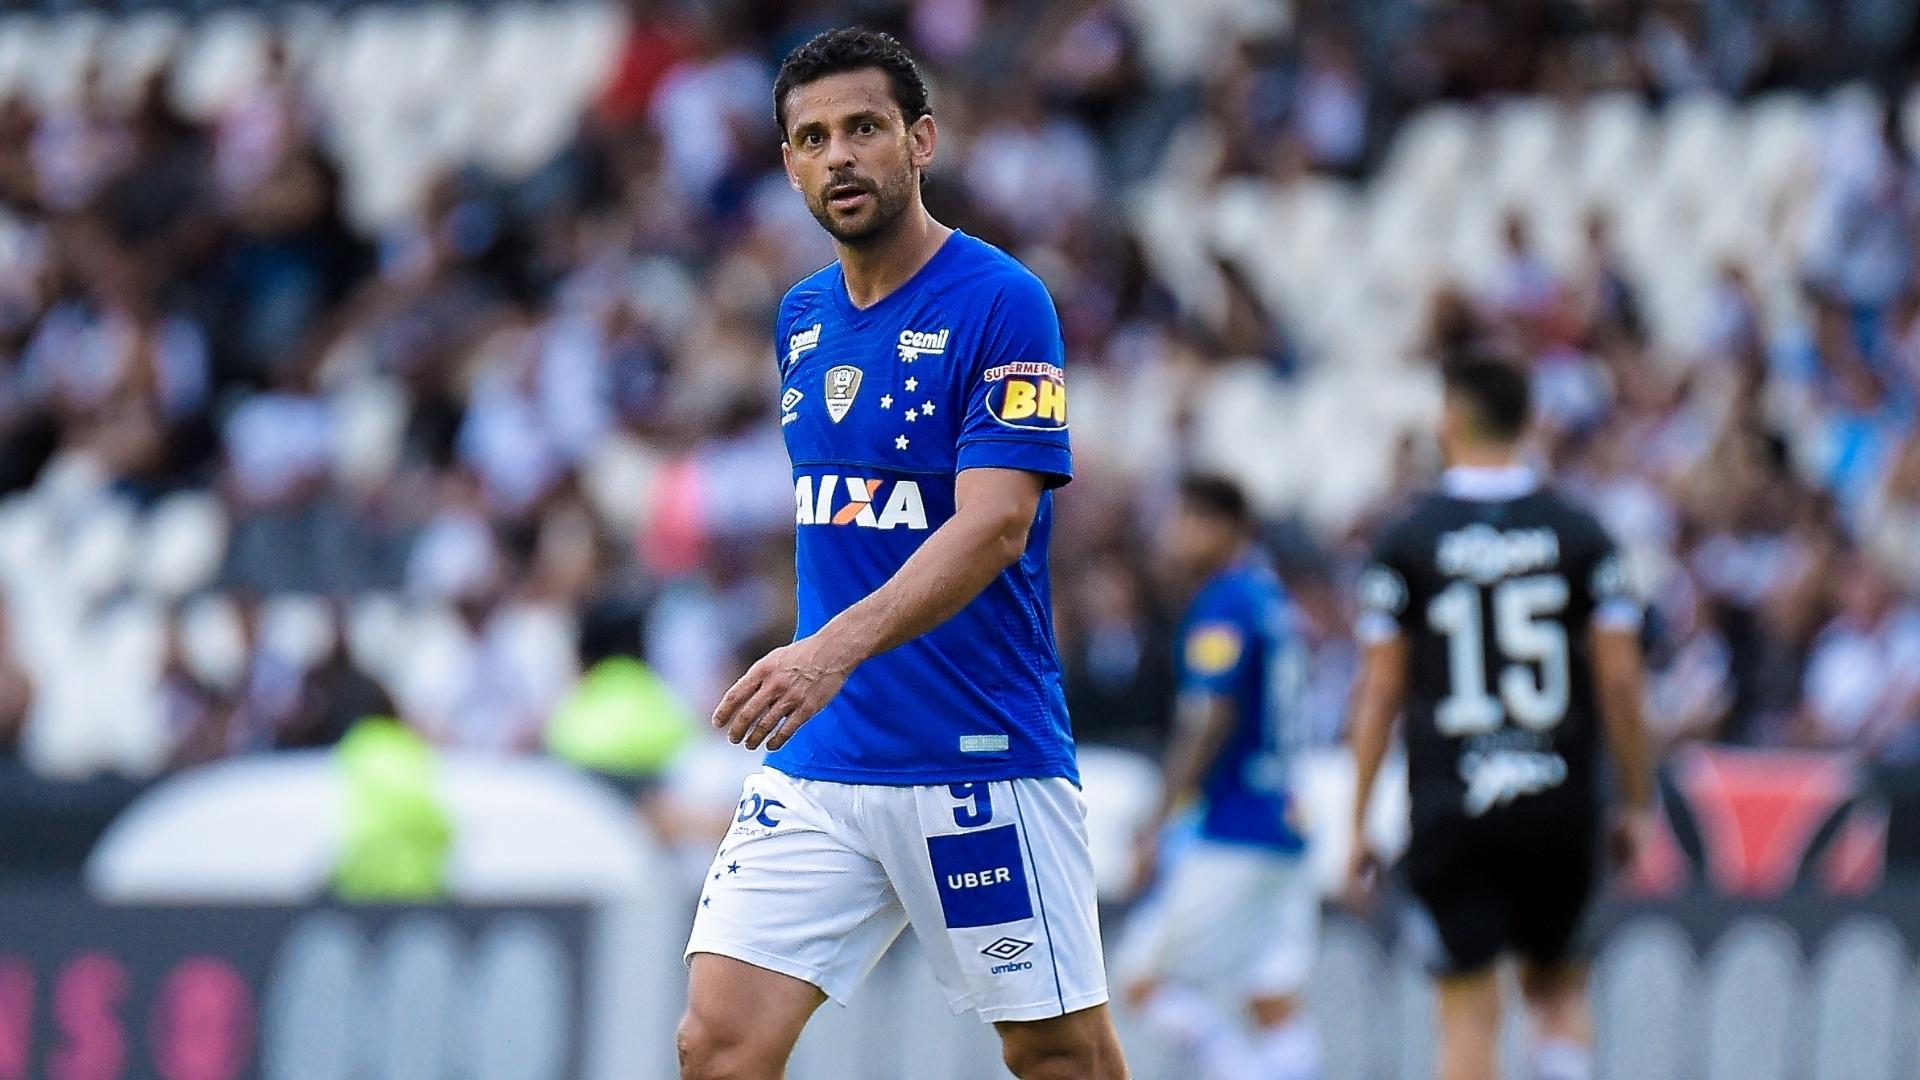 Recuperado de lesão no joelho, Fred volta a ser titular no Cruzeiro após seis meses